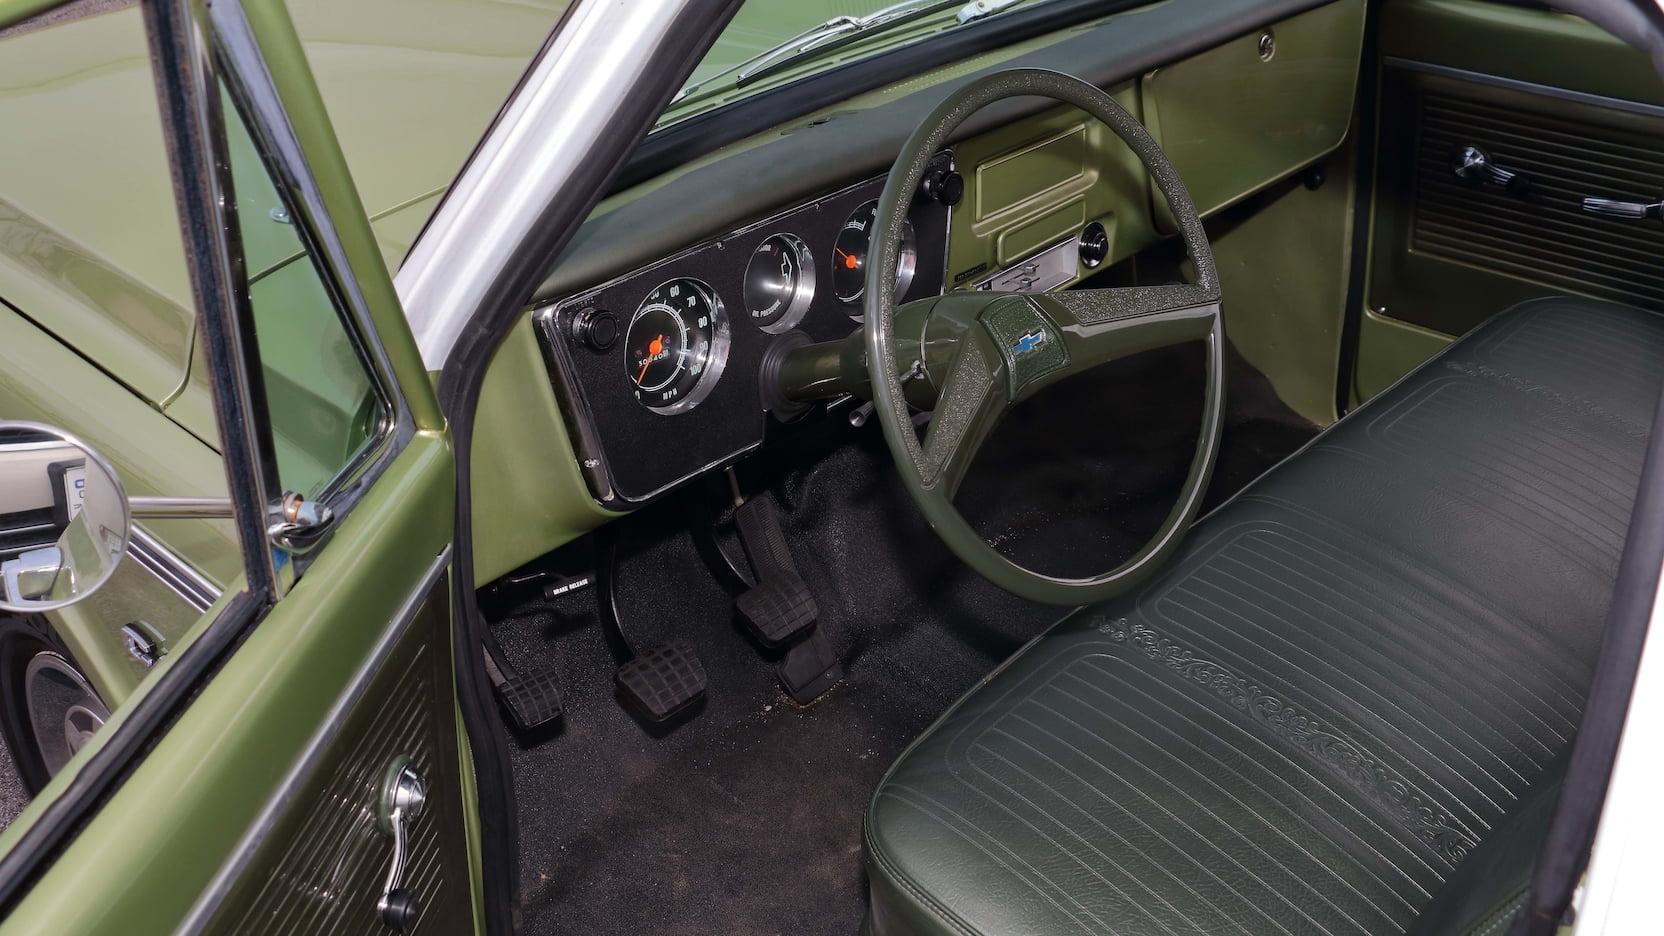 1970 Chevrolet C10 interior